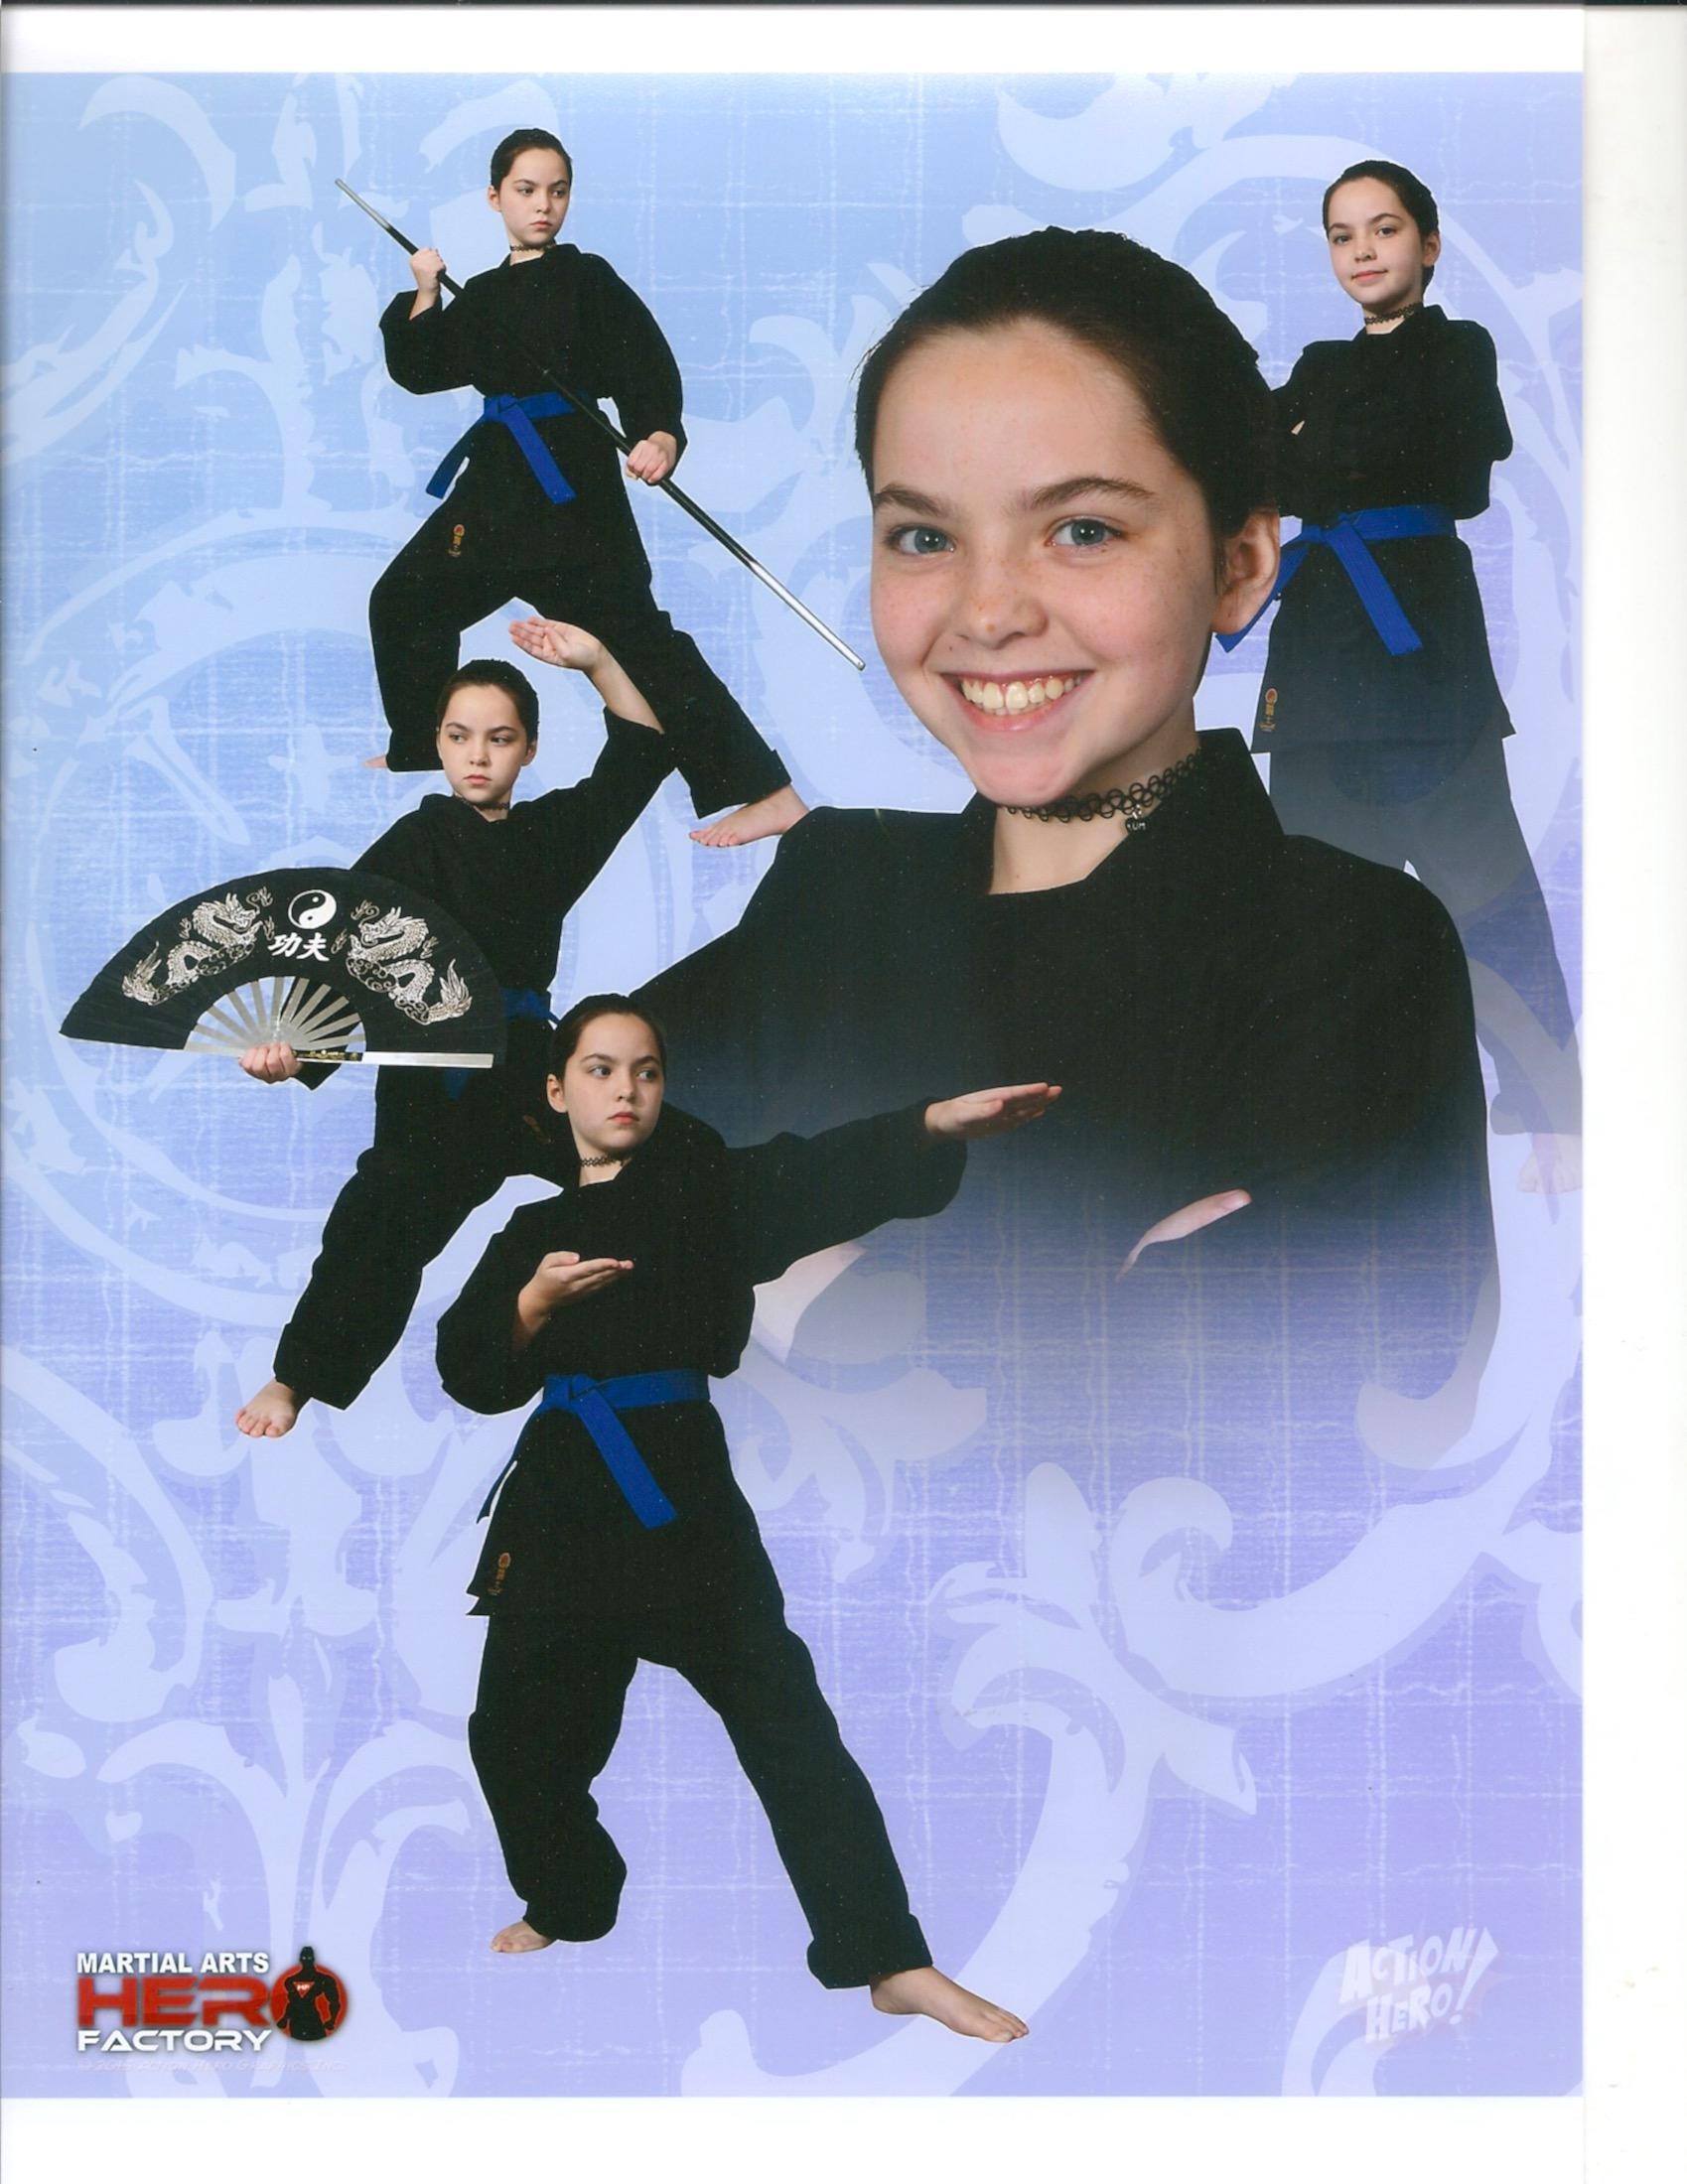 Martial Arts Hero Factory image 3